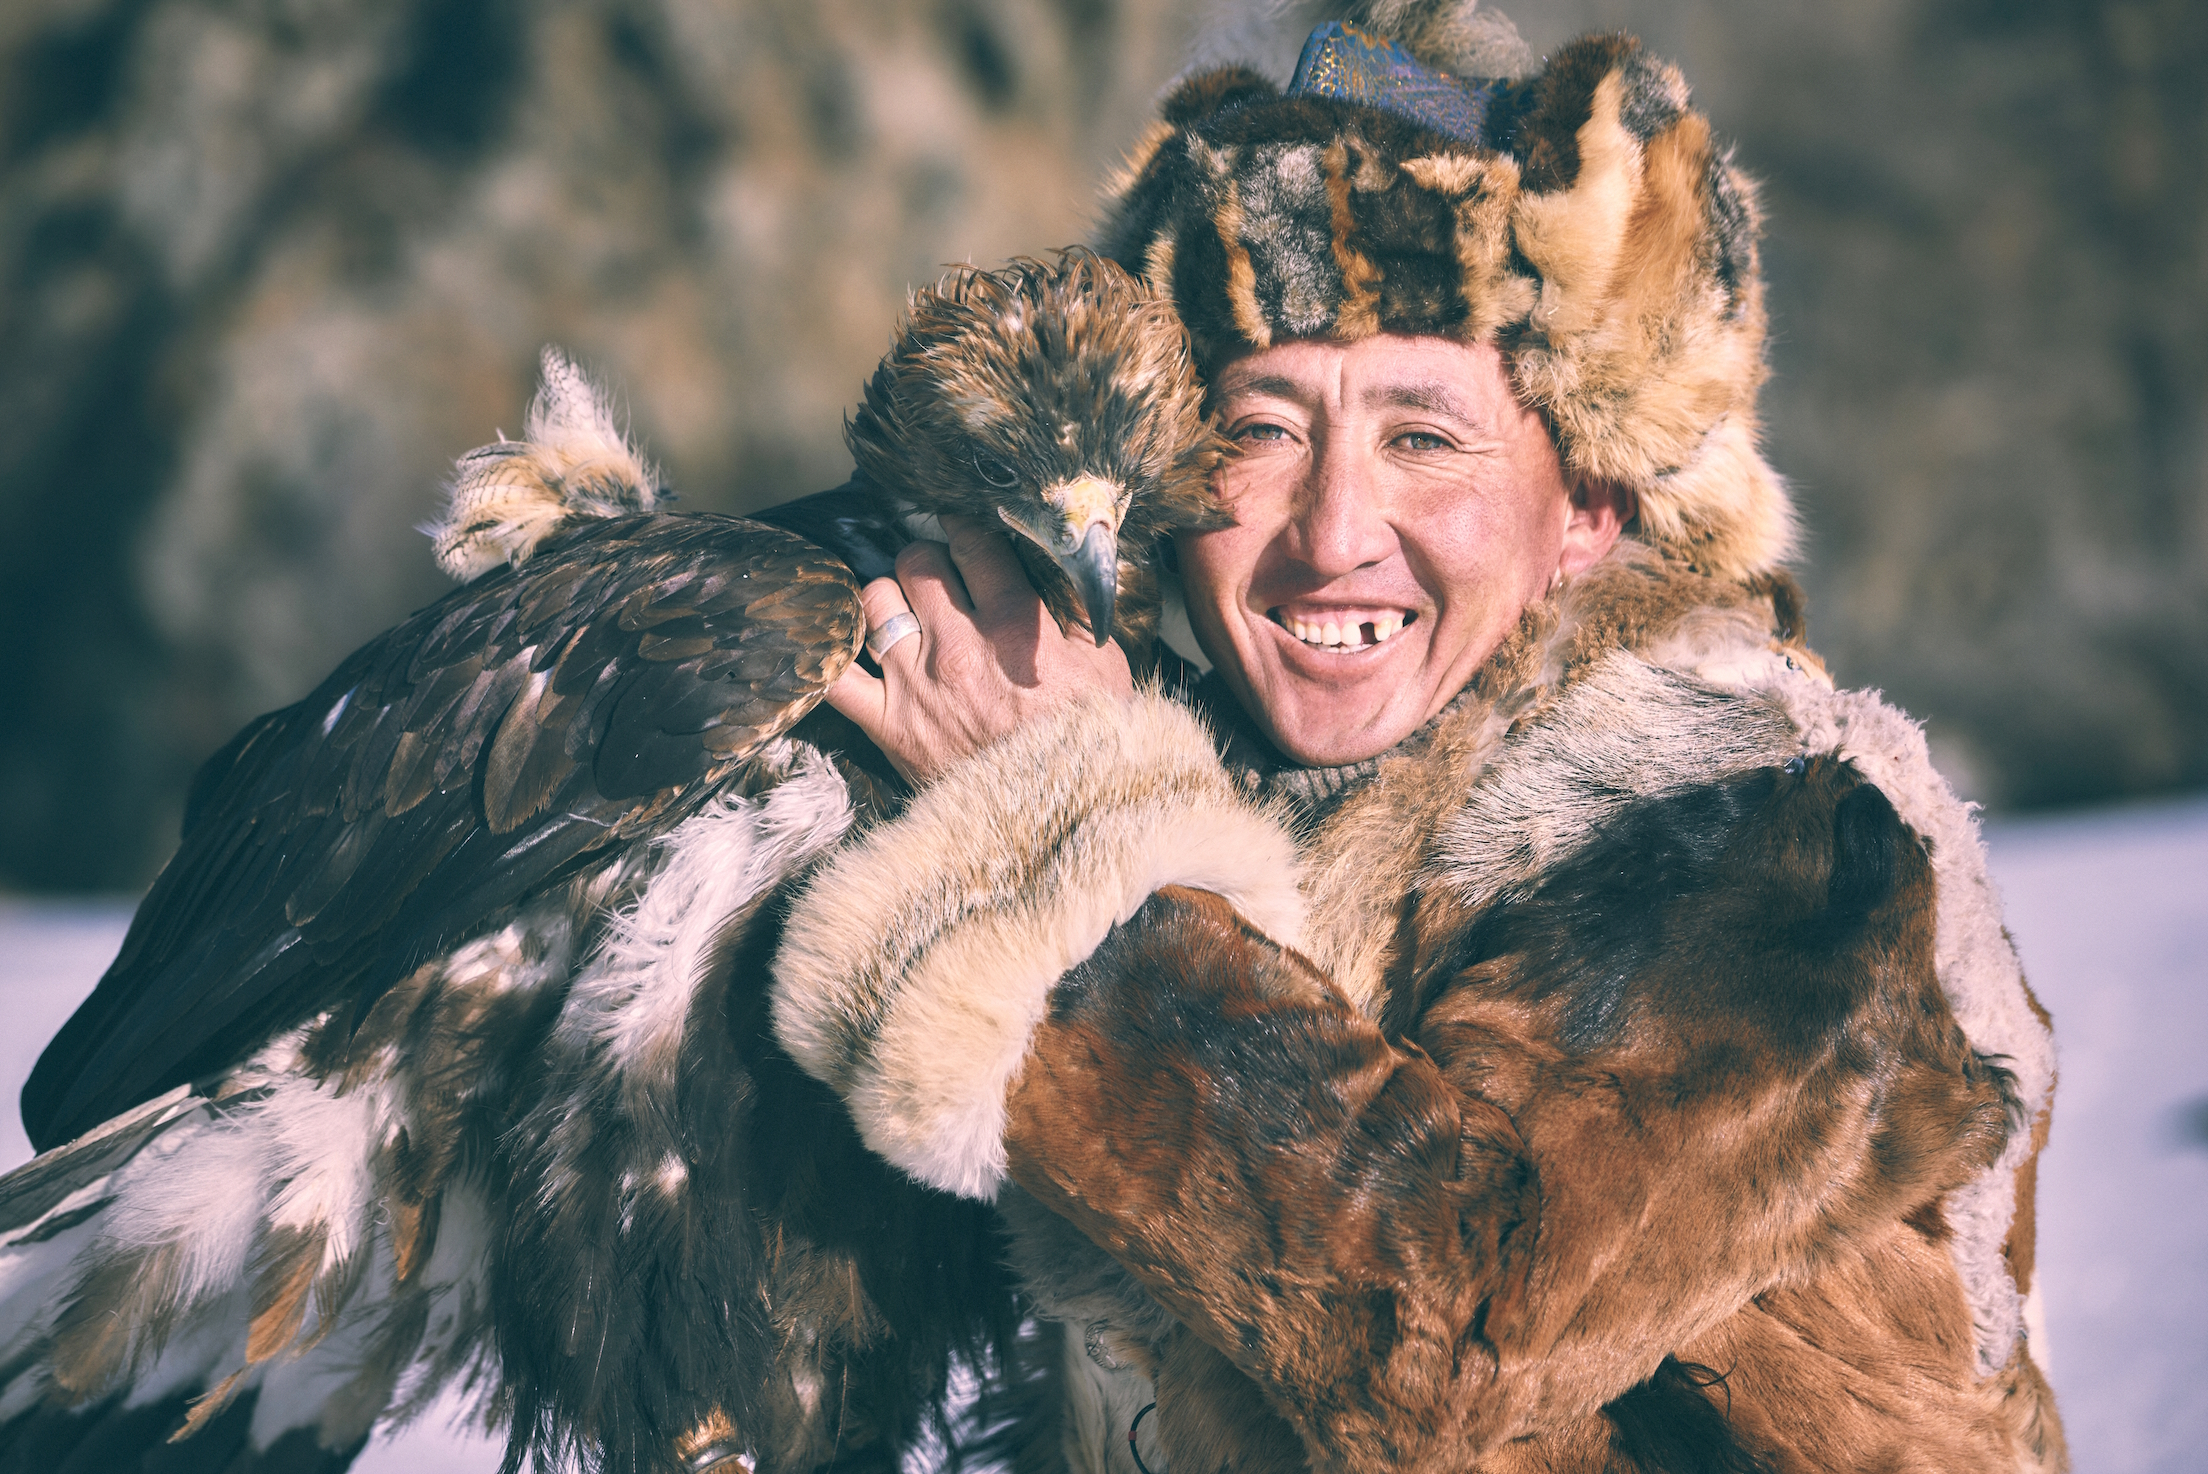 Khasar_S_BoteiAndHisEagleCuddleTime_Terelj_Mongolia_Winter_2015 2.jpg